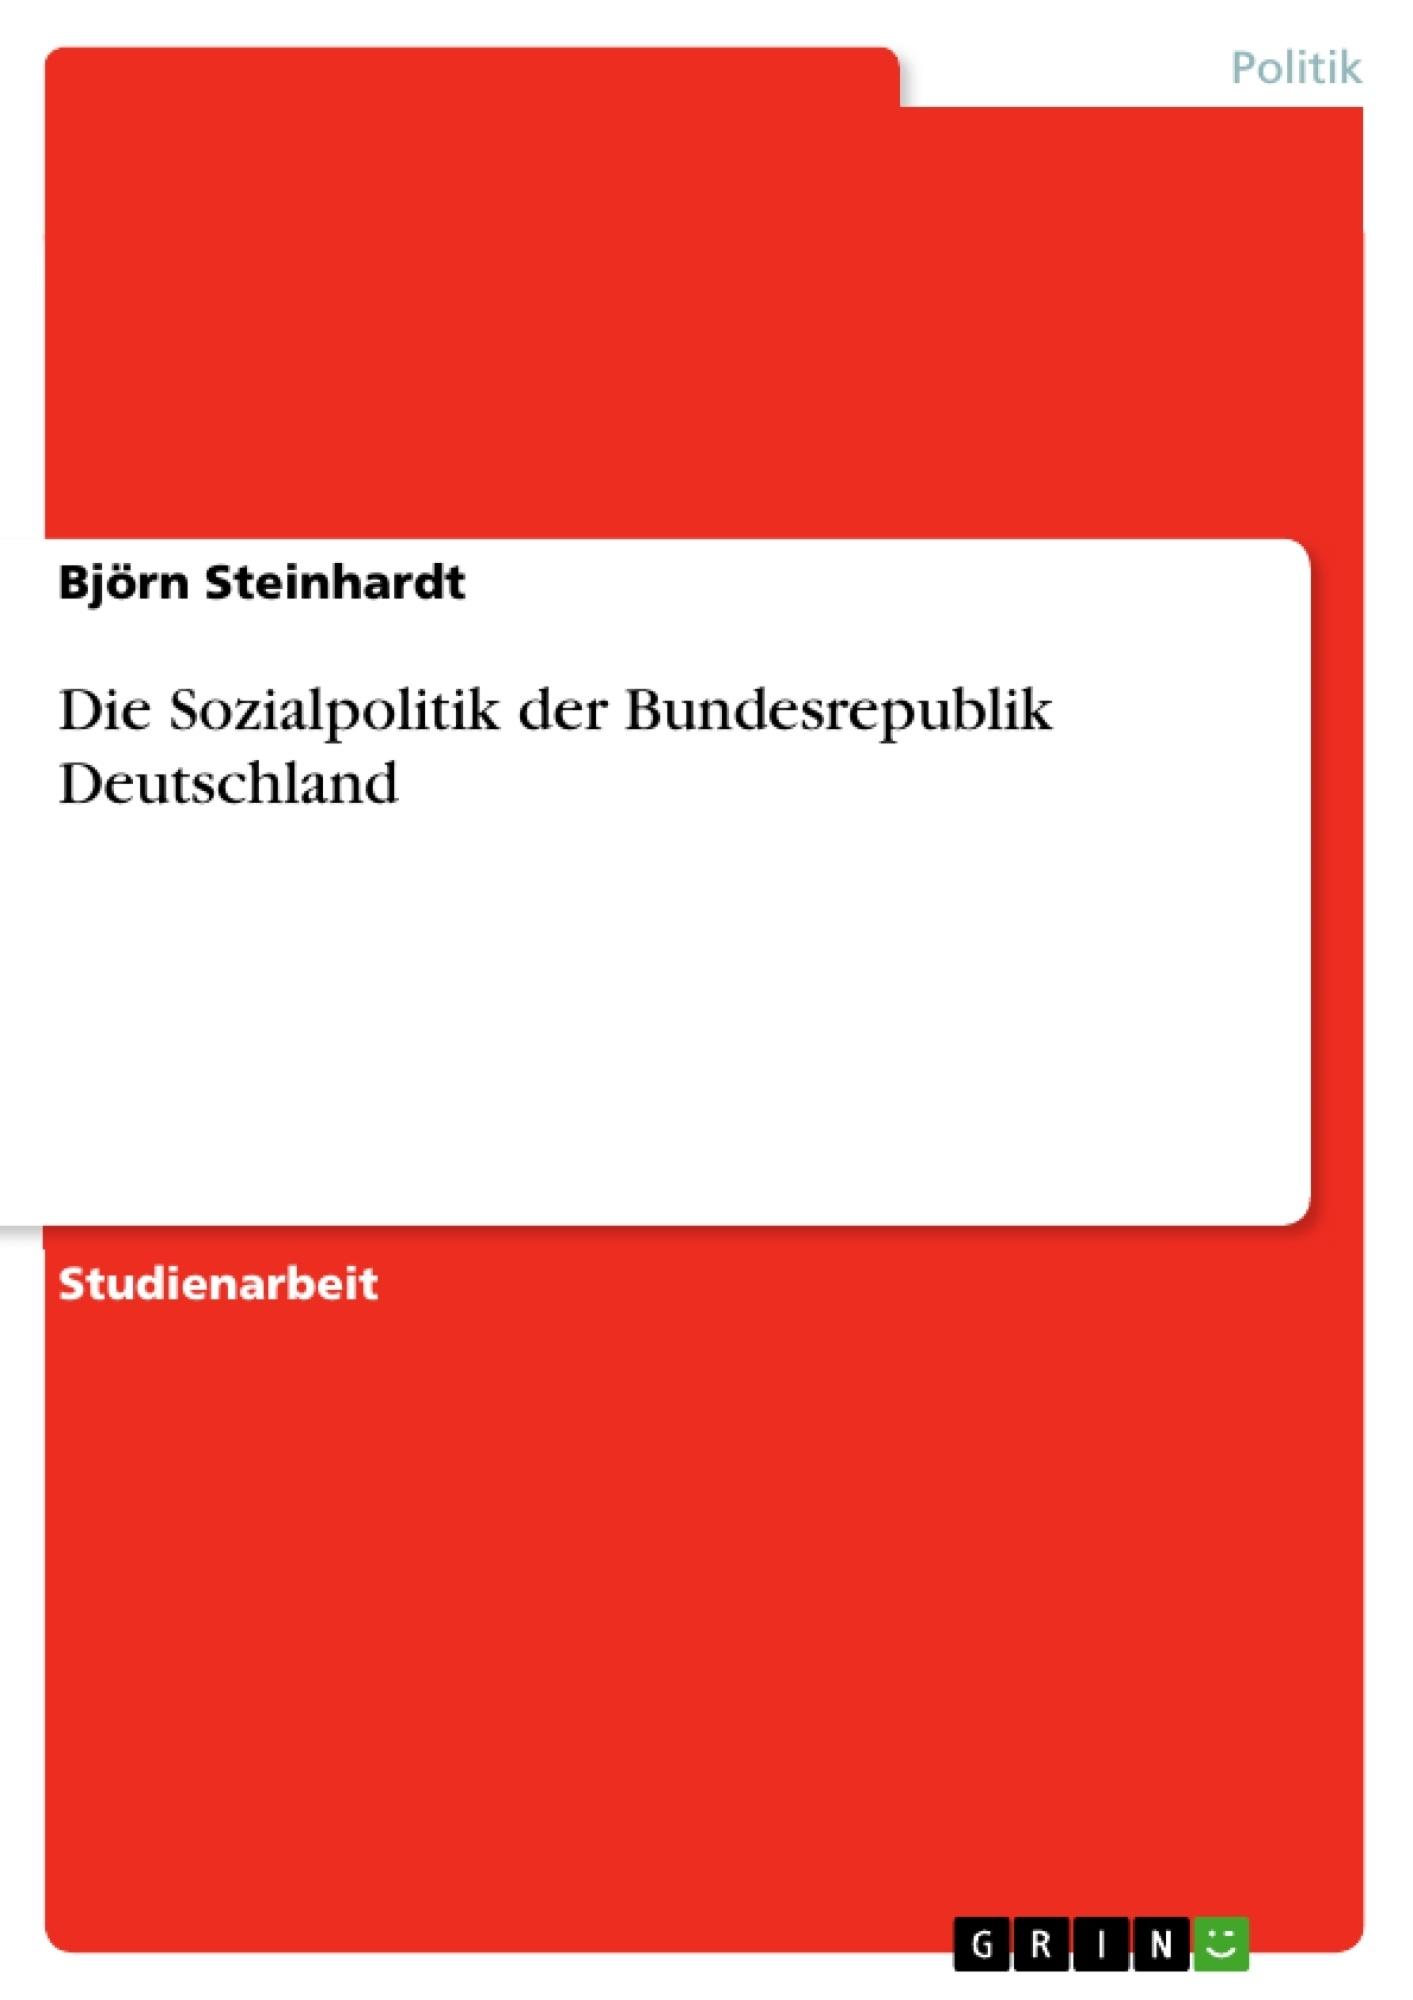 Titel: Die Sozialpolitik der Bundesrepublik Deutschland